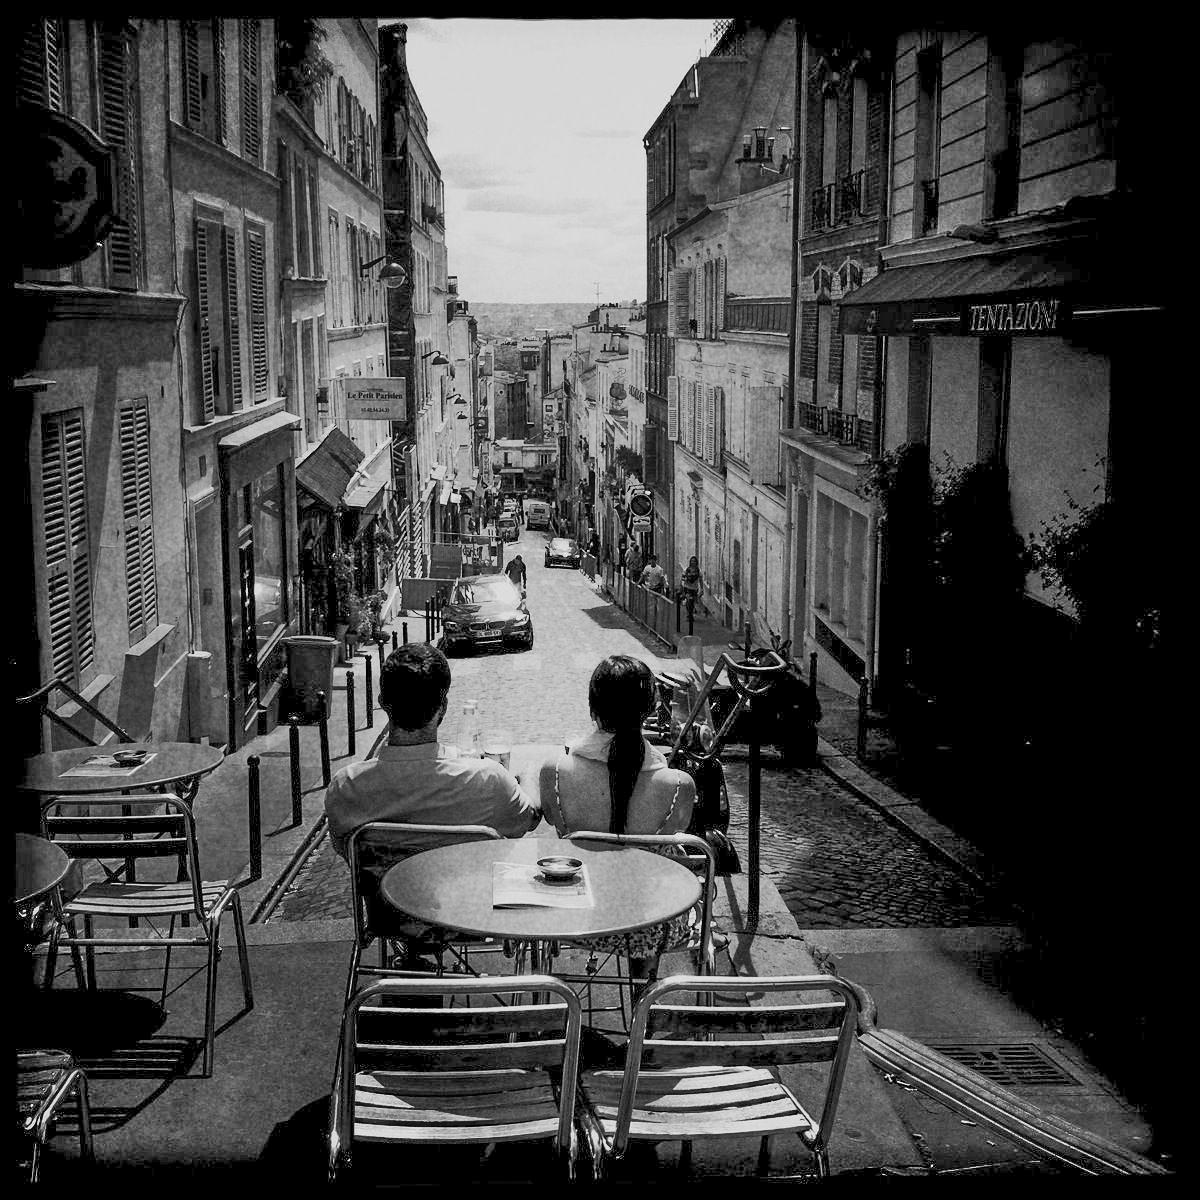 Ein Paar genießt den Ausblick auf den Montparnasse in Paris